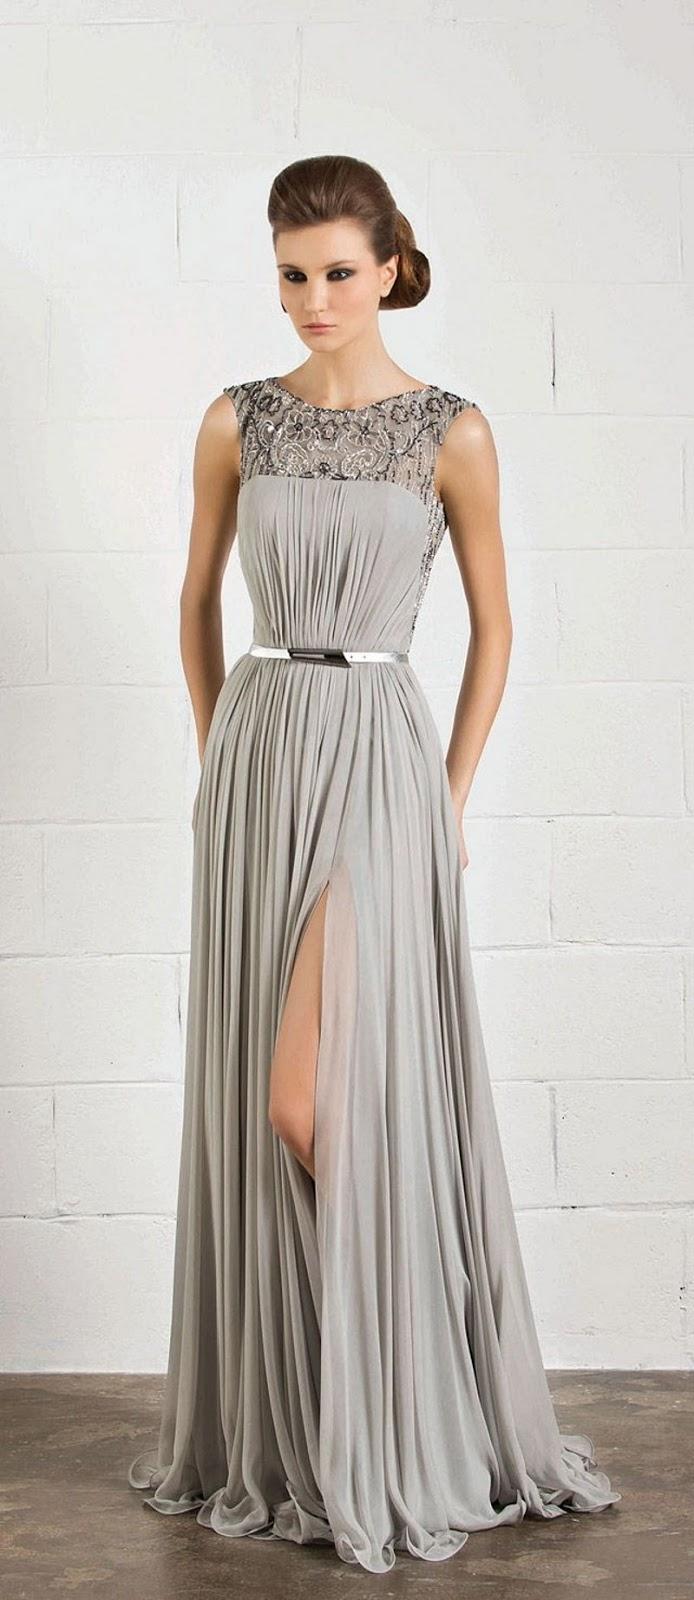 dea432fb3c2 Vestidos elegantes para damas ¡17 MARAVILLOSAS TENDENCIAS EN MODA ...